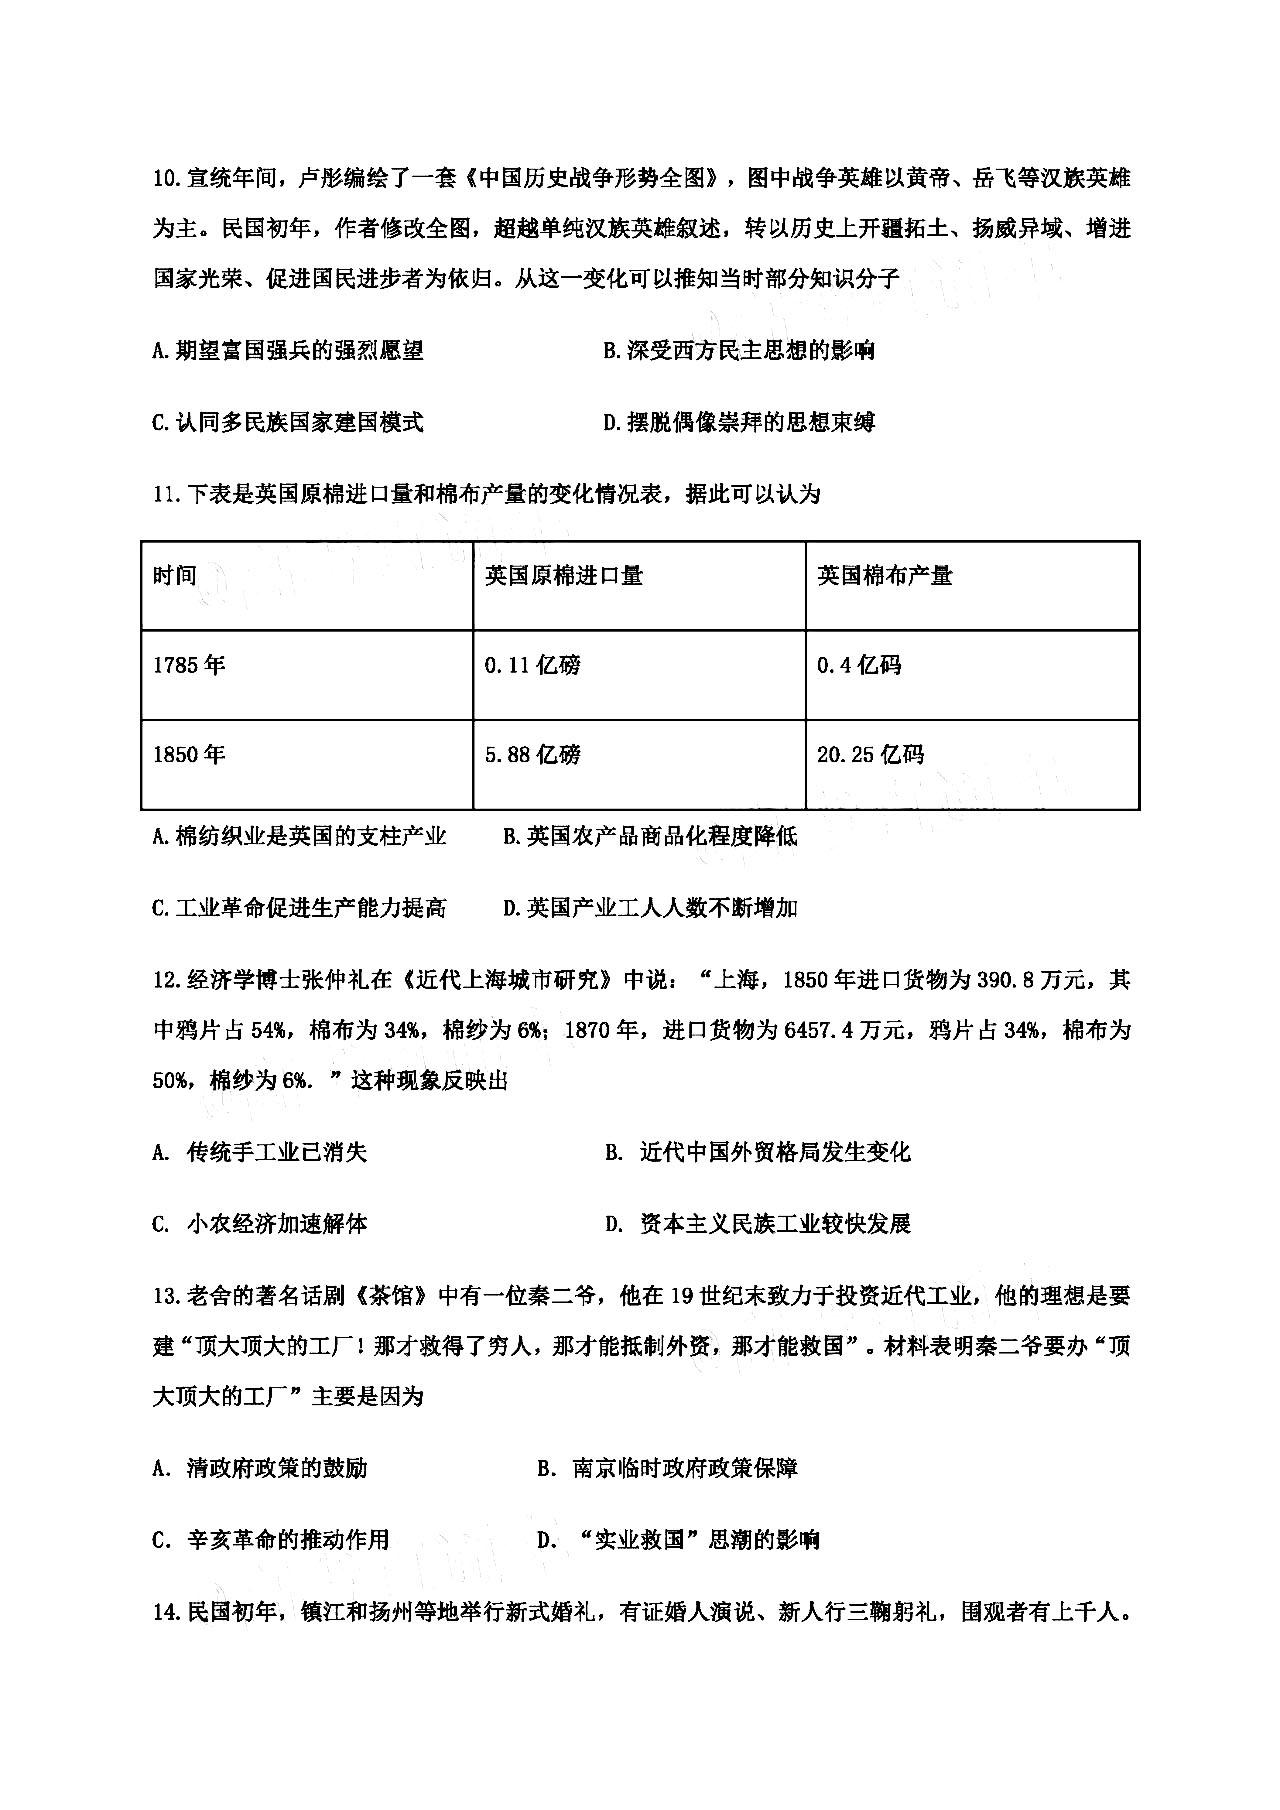 2021宁夏银川第二中学高三上统联二历史试卷答案解析图3